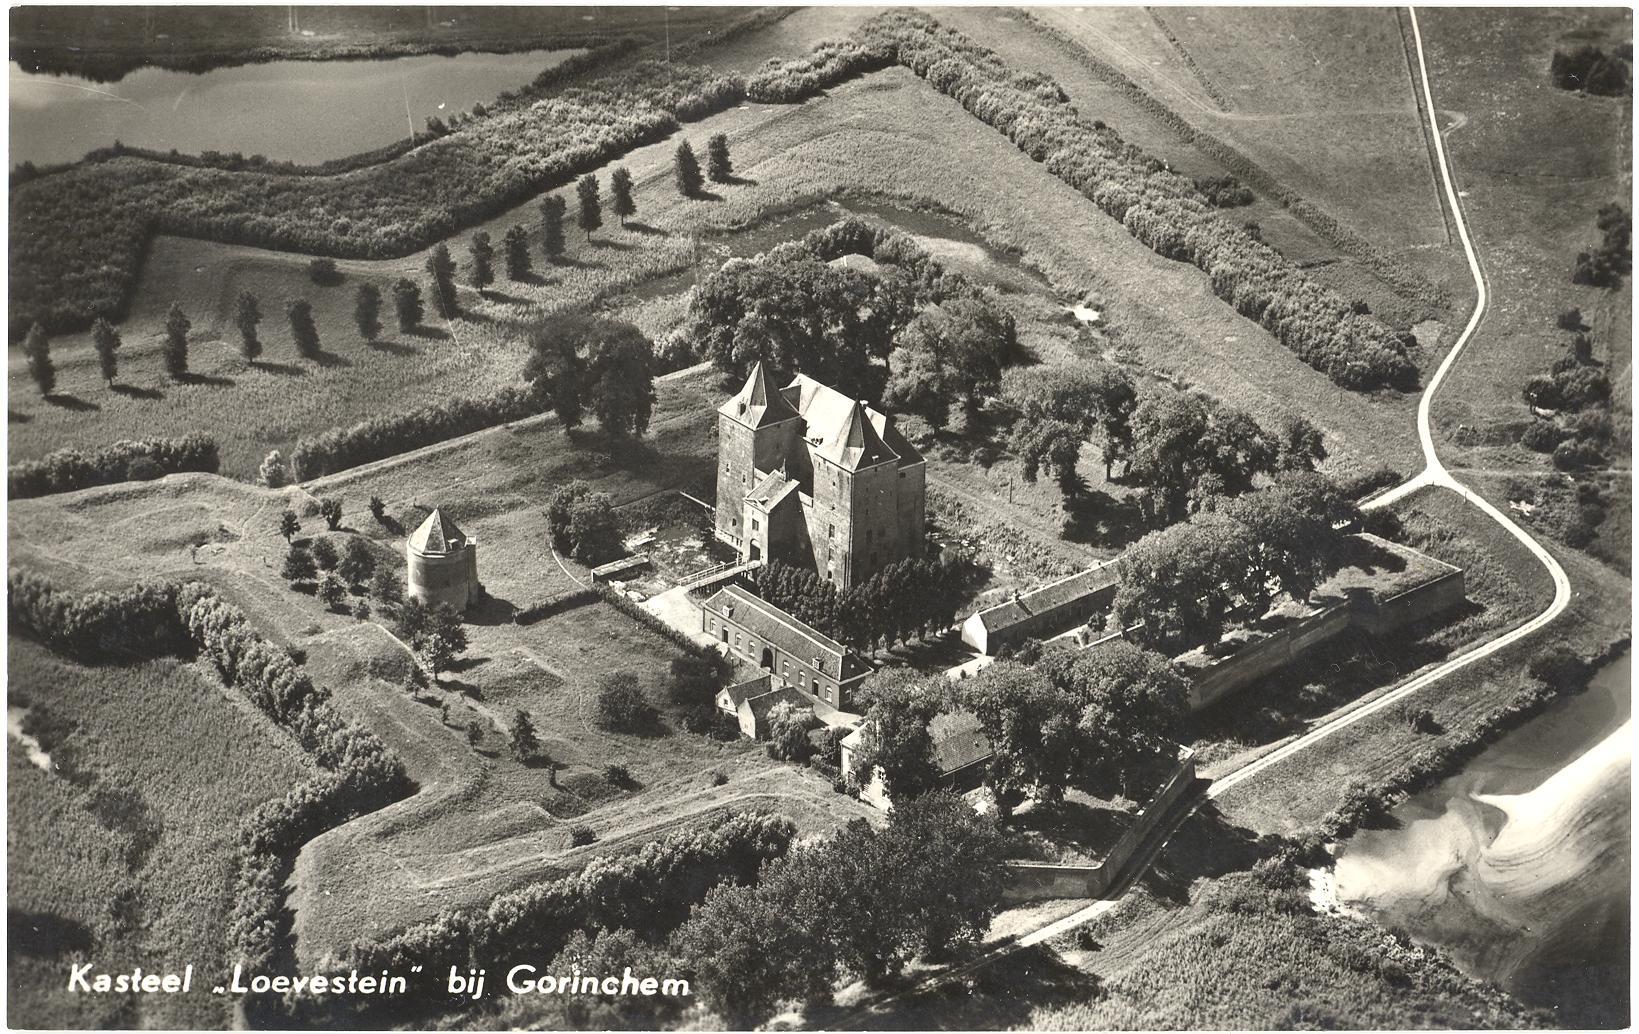 11-Kasteel-Loevestein-bij-Gorinchem-1961